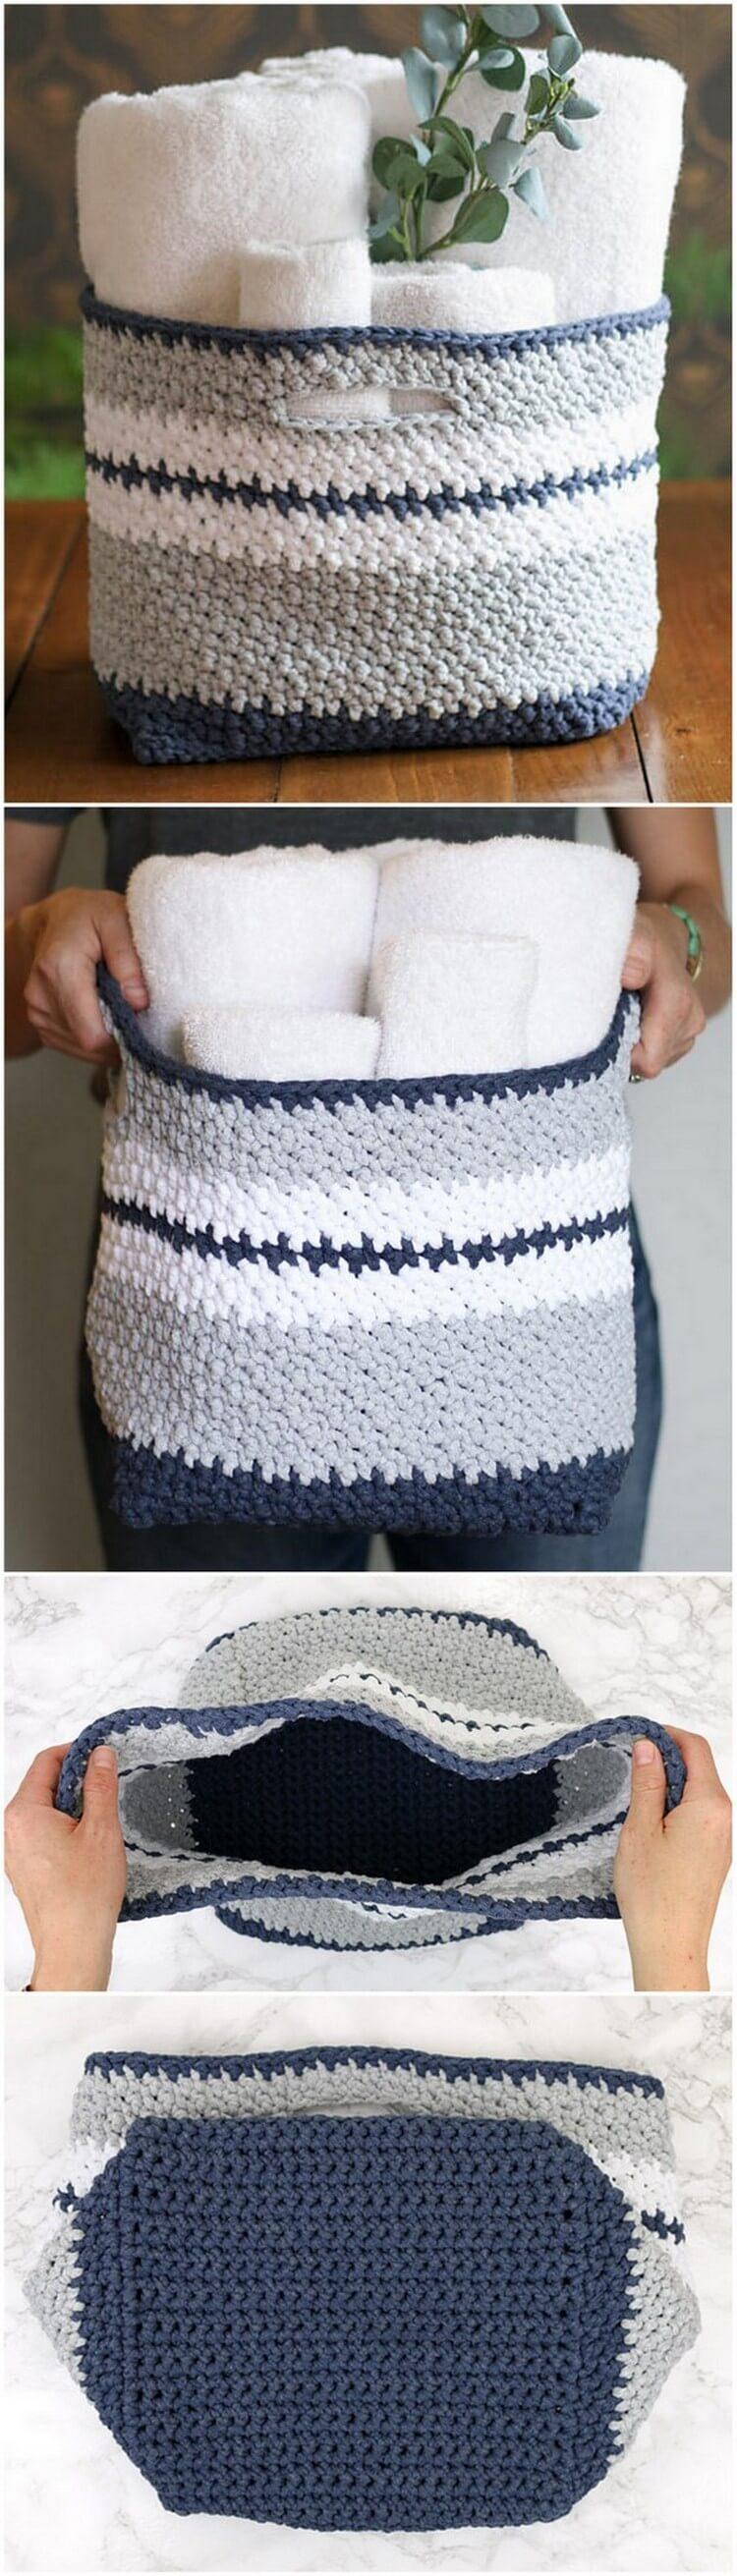 Crochet Basket Pattern (10)